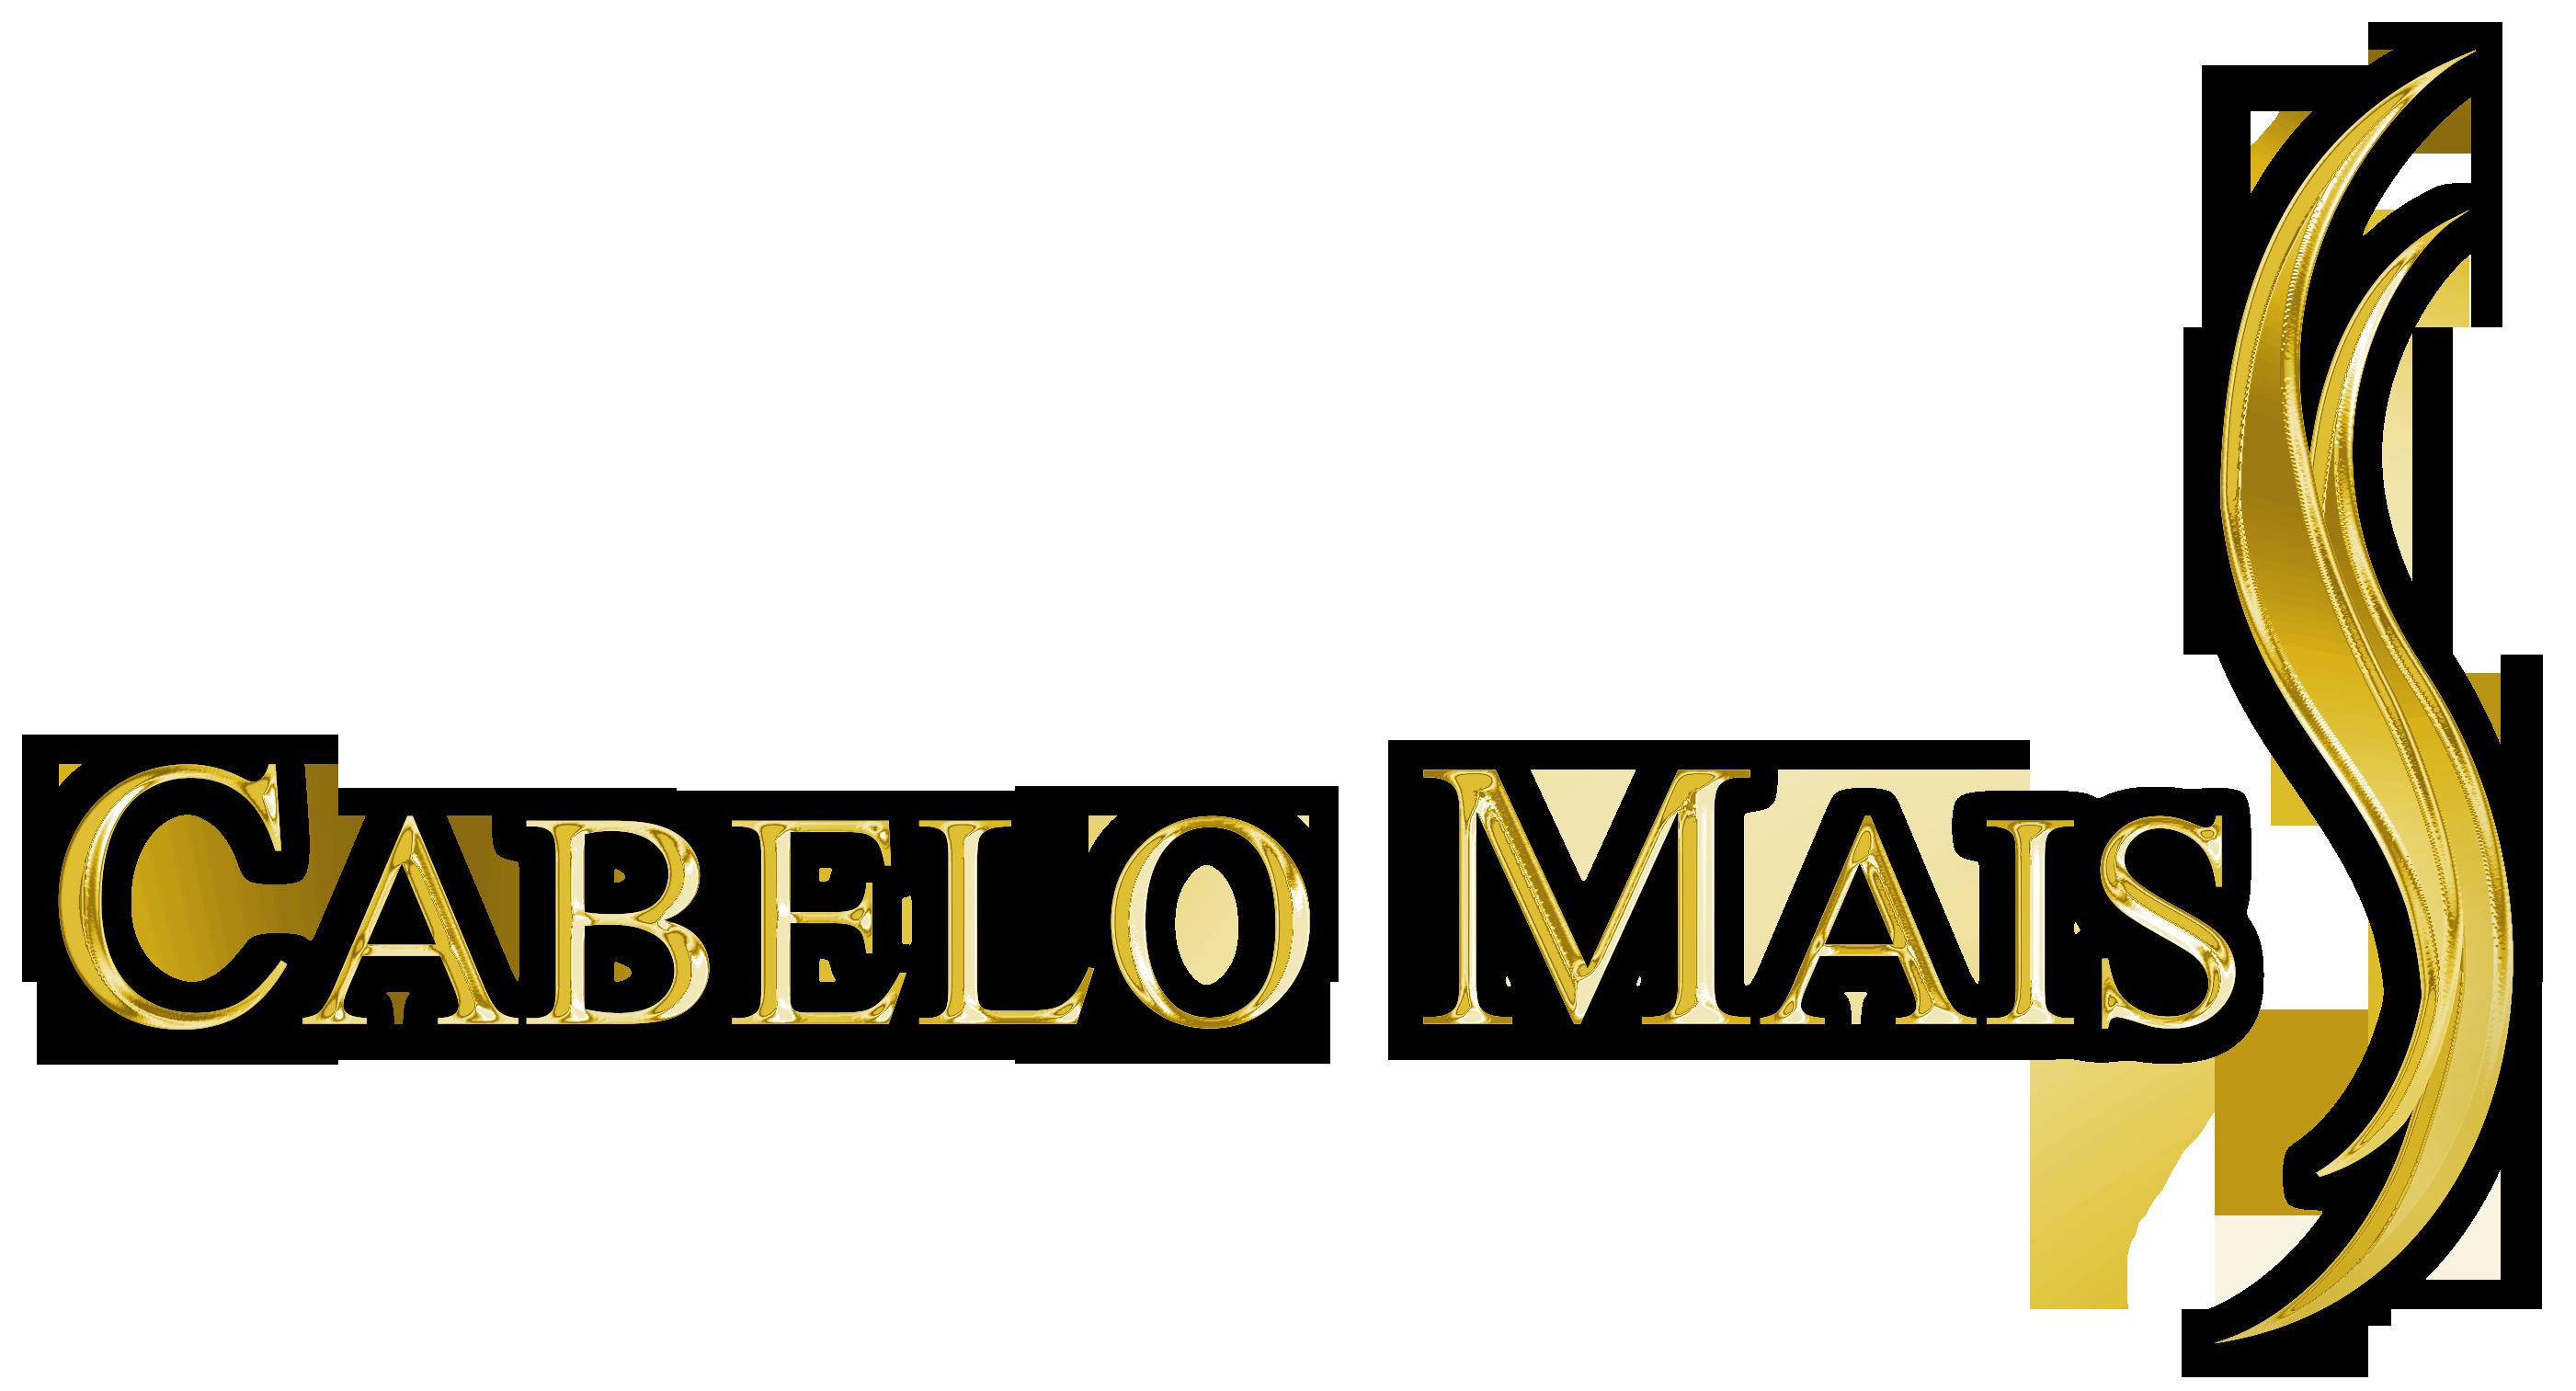 Cabelo Mais | Mega Hair Porto Alegre, Perucas Porto Alegre, Prótese Capilar Porto Alegre, Mega Hair, Perucas Sob Medida, Prótese Capilar Masculina, Prótese Capilar Feminina, Apliques Cabelo, Faixas Capilares, Tratamento Calvície, Alopecia, Prótese Micropele, Perucas Full Lace, Prótese Cabelo Humano